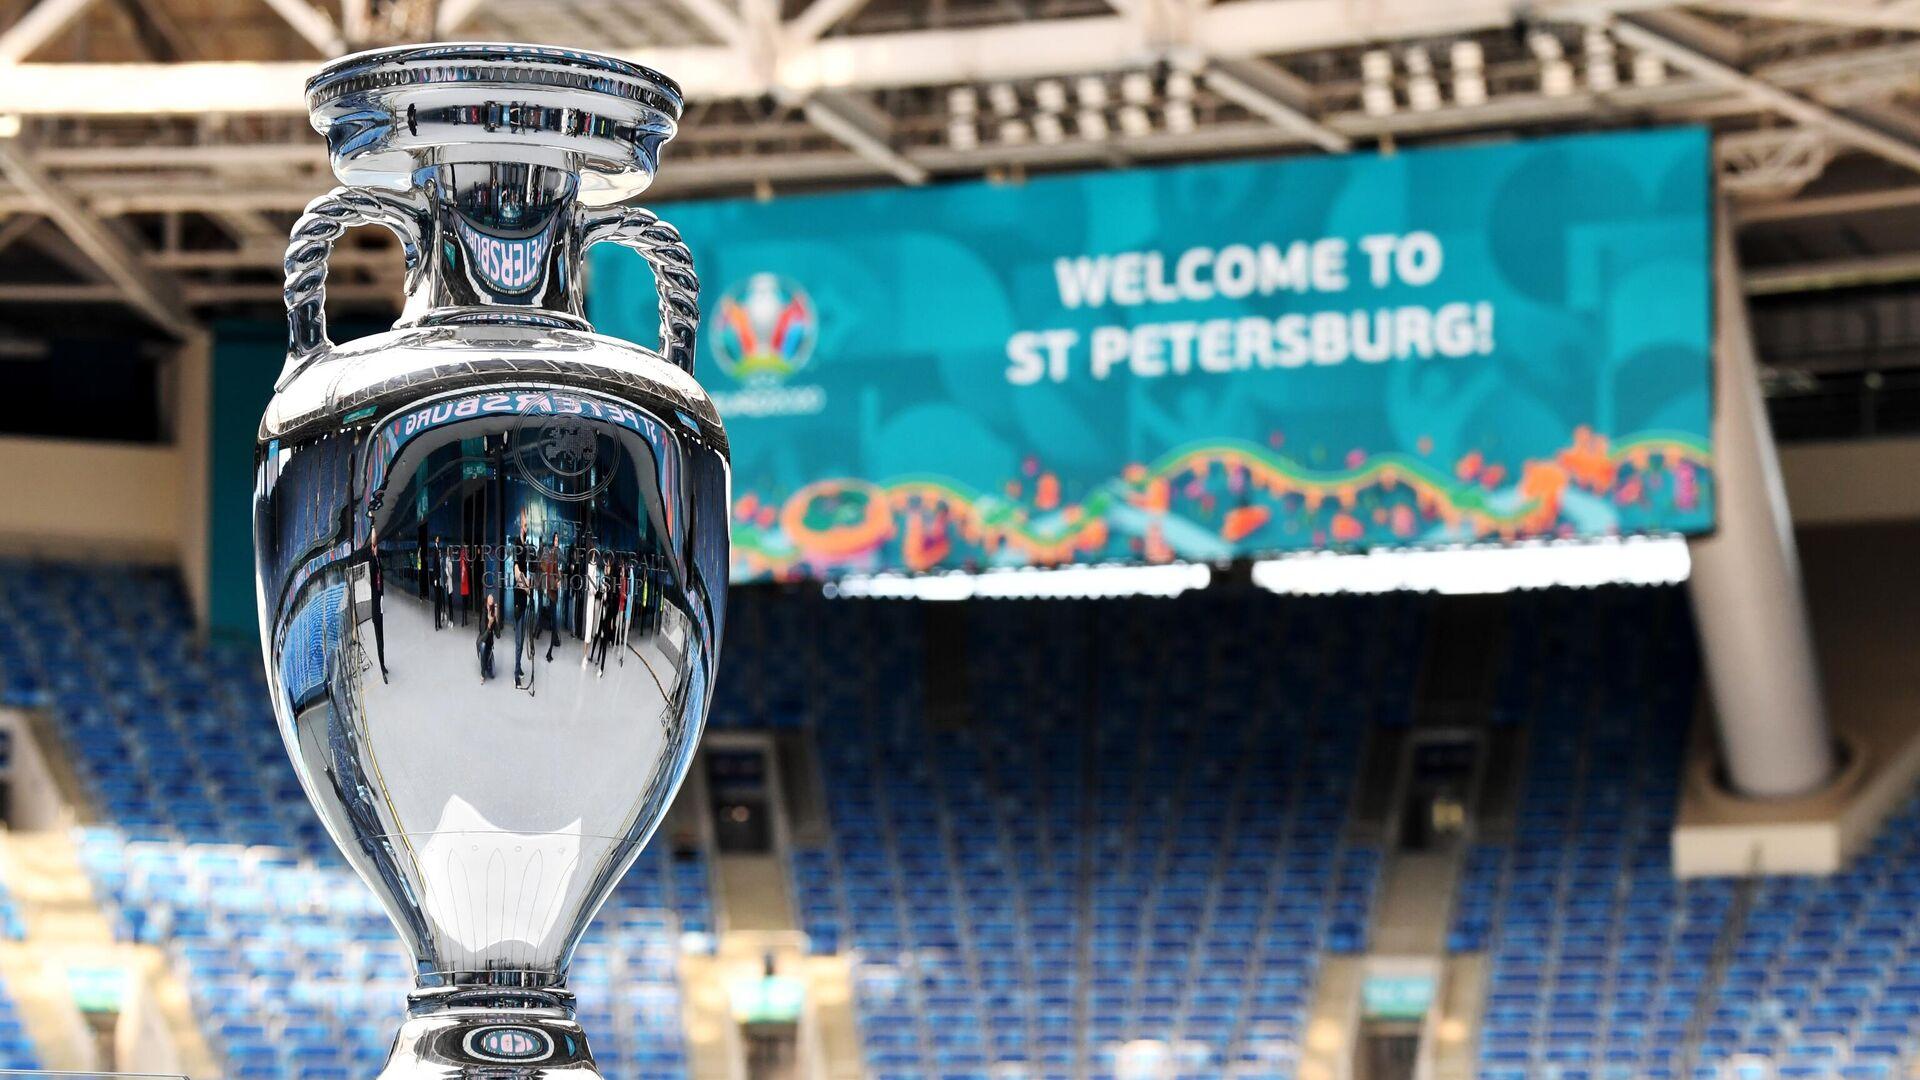 Кубок Европы по футболу представлен в Санкт-Петербурге - РИА Новости, 1920, 16.06.2021